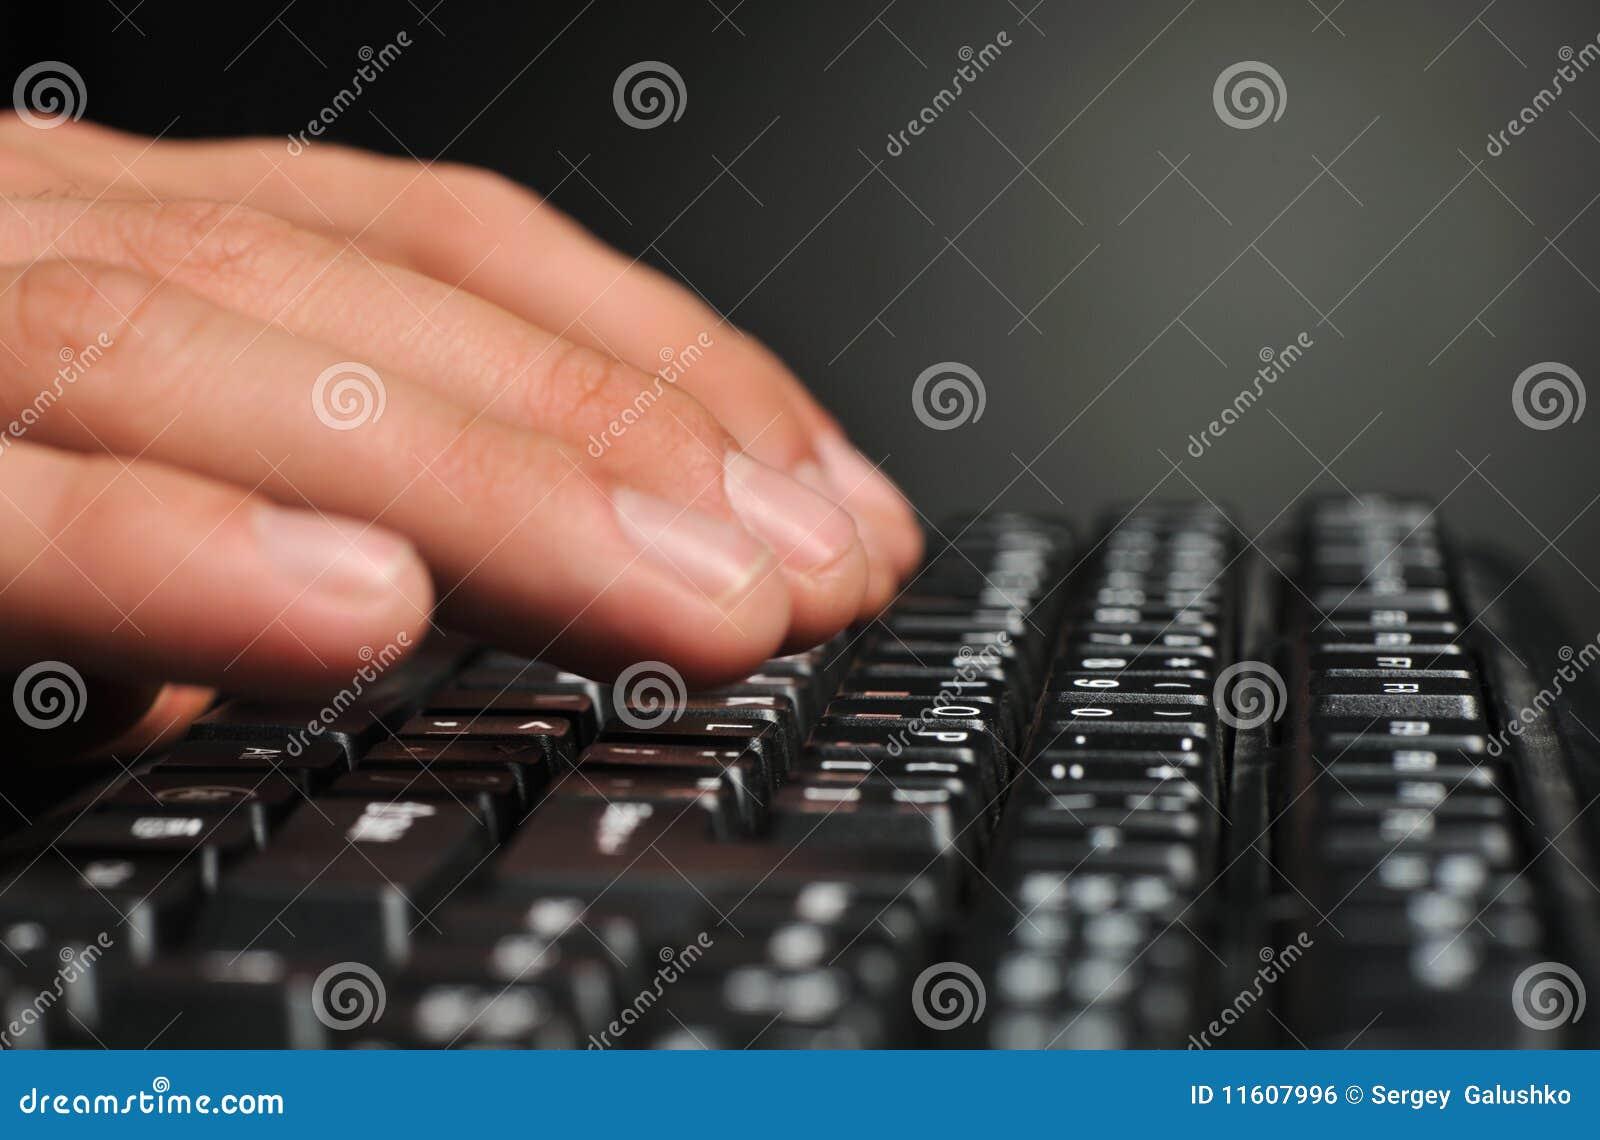 над клавиатурой рук